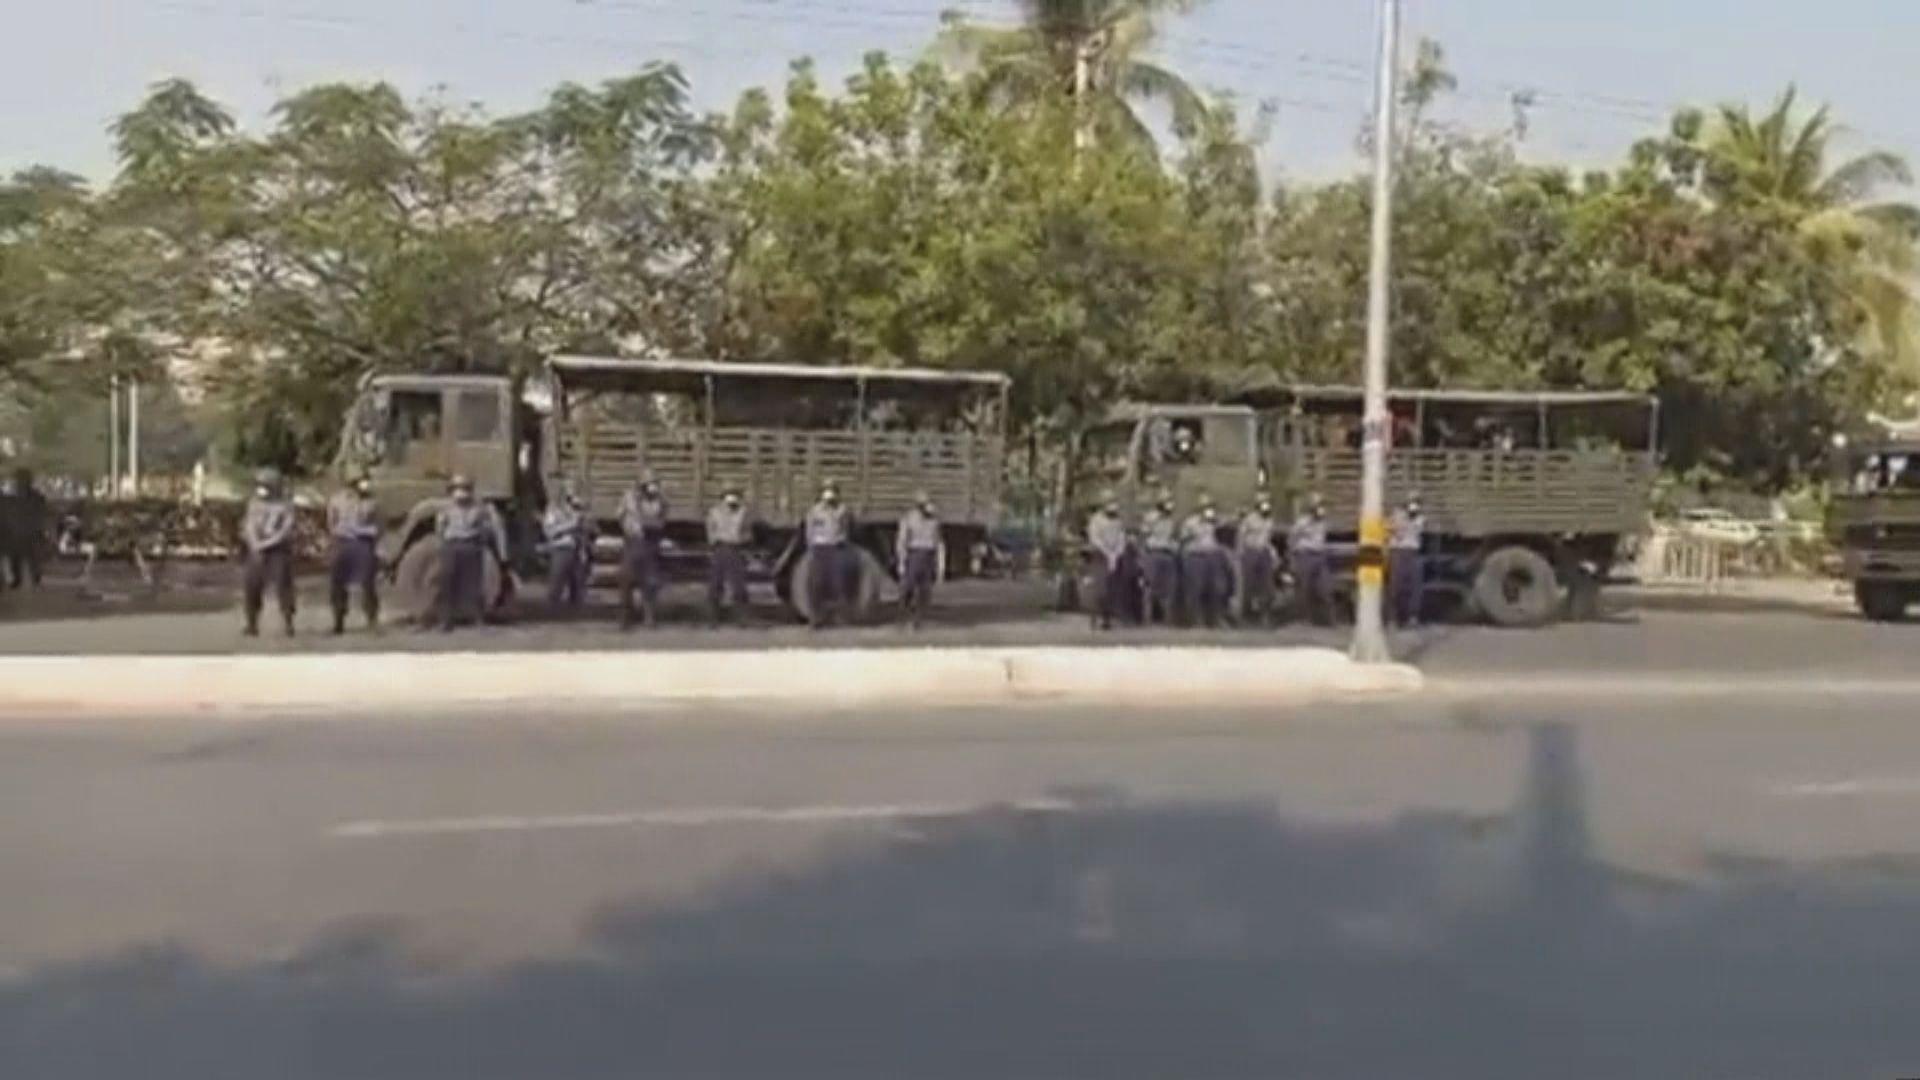 市面有軍隊駐守 聯合國緬甸特使籲國際社會向軍方施壓